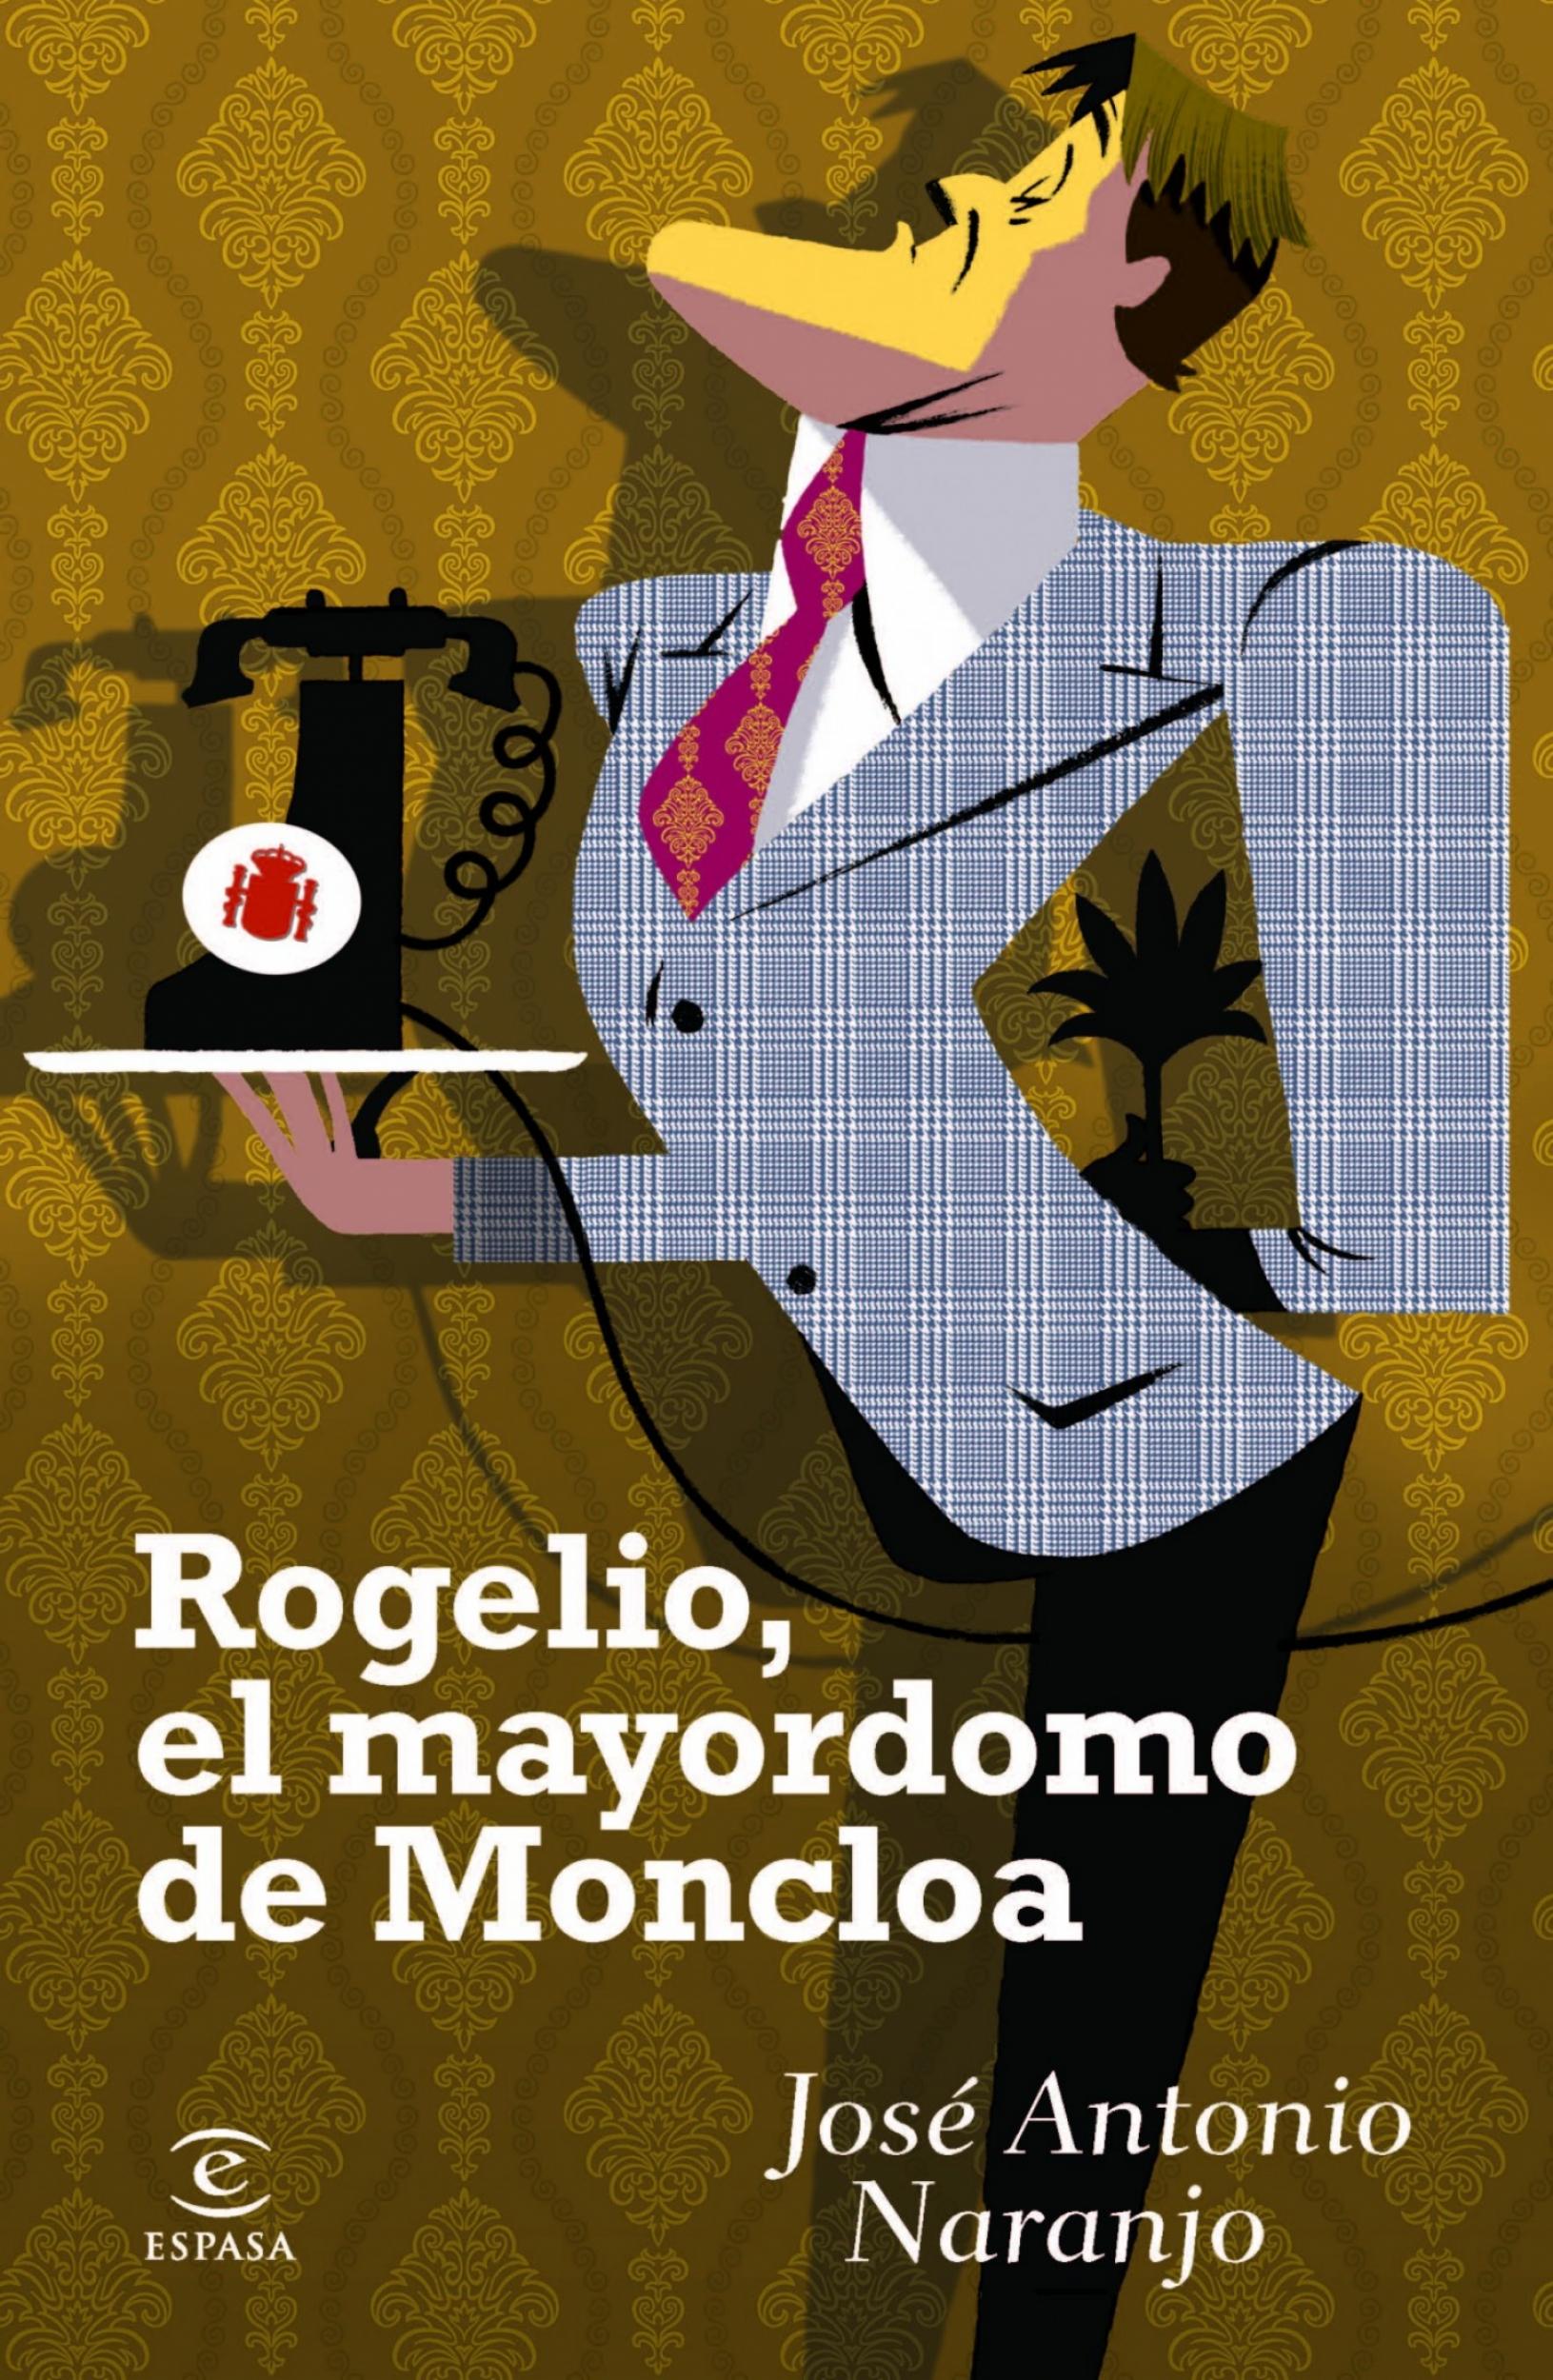 libro-rogelio-el-mayordomo-de-la-moncloa